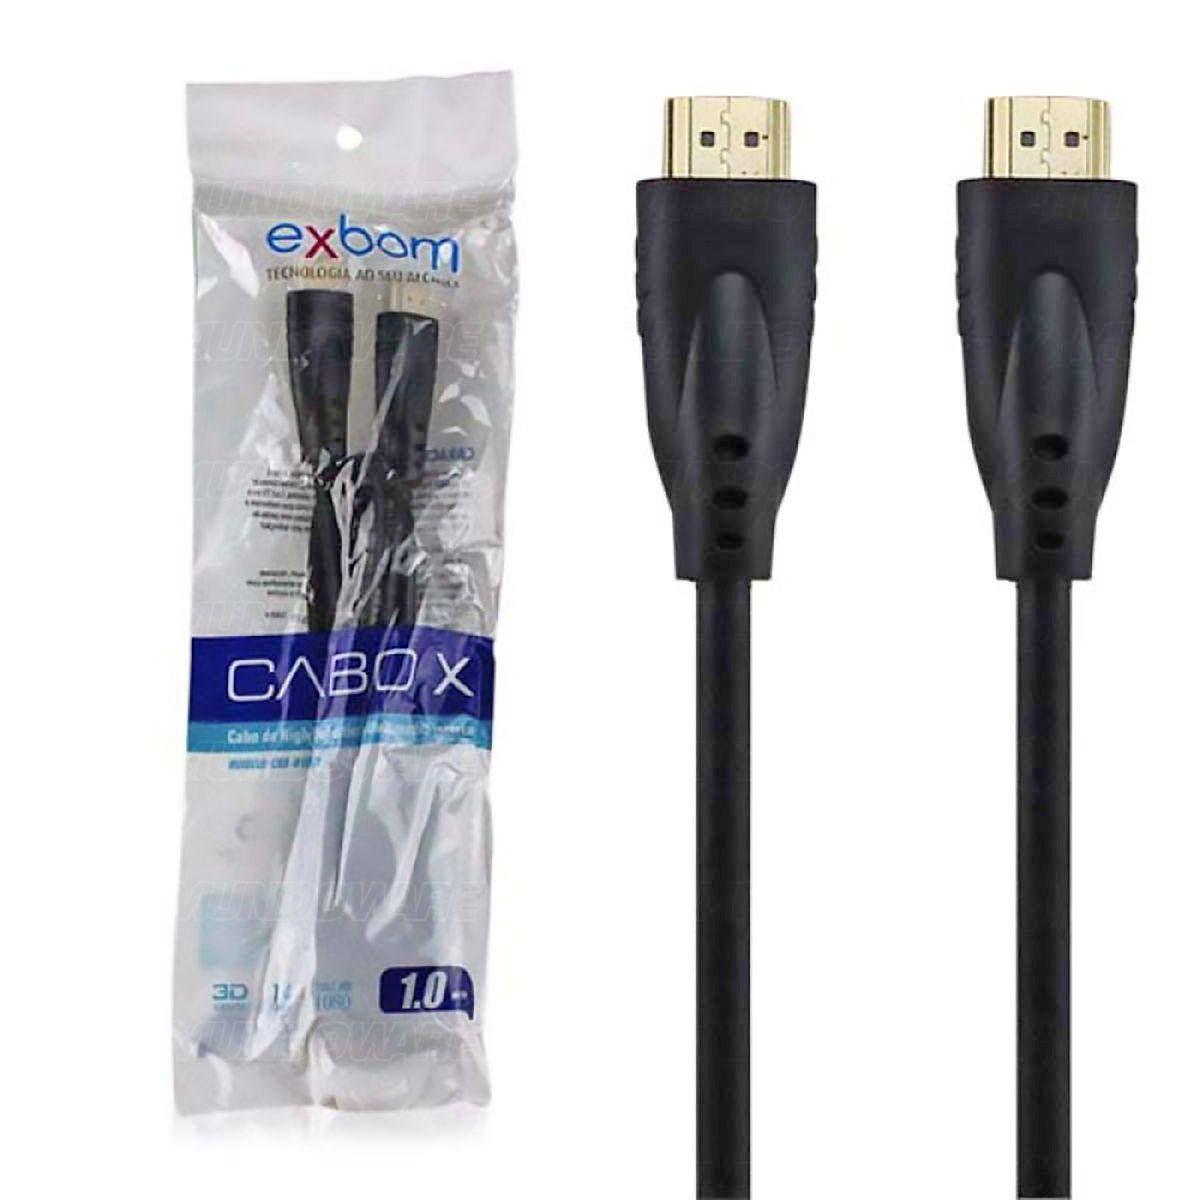 Cabo HDMI Suporte 3D Versão 1.4 Full HD 1080 1 Metro Exbom CBX-H10SM